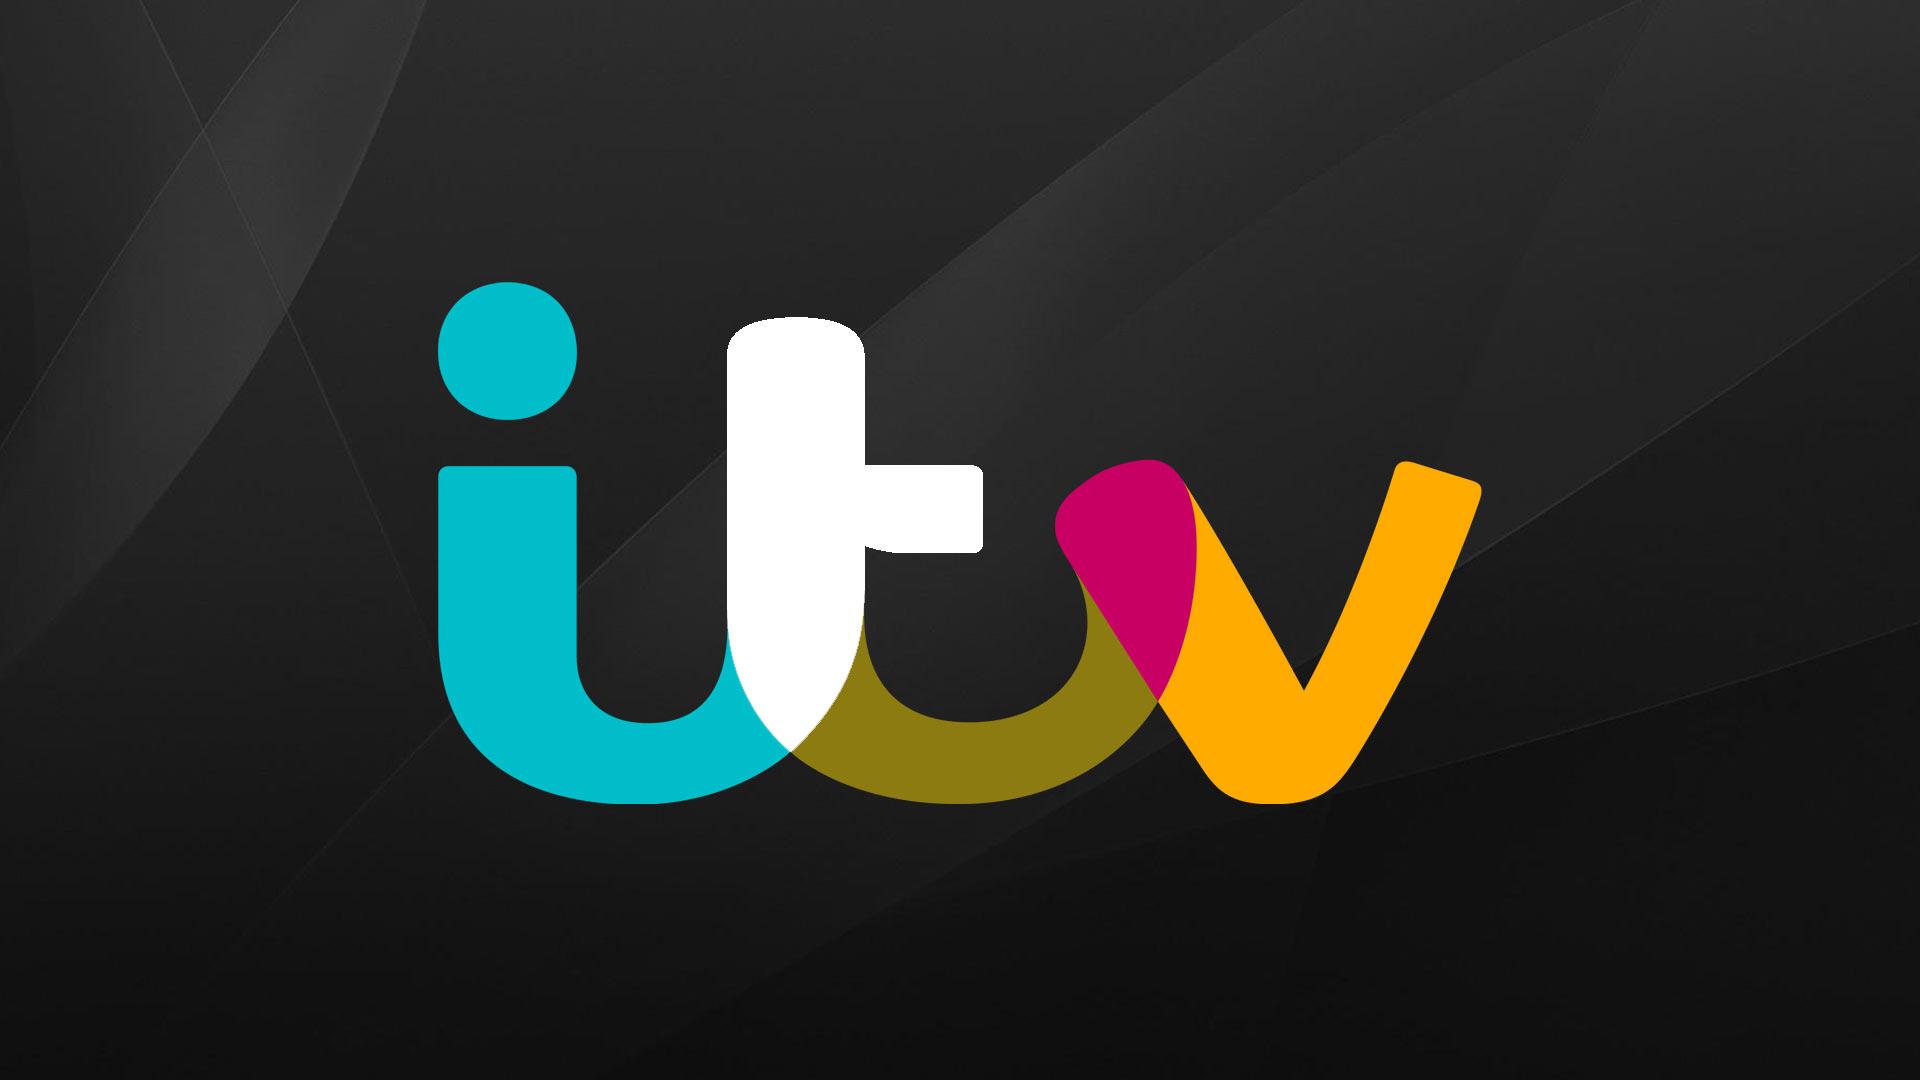 Logo itv en direct